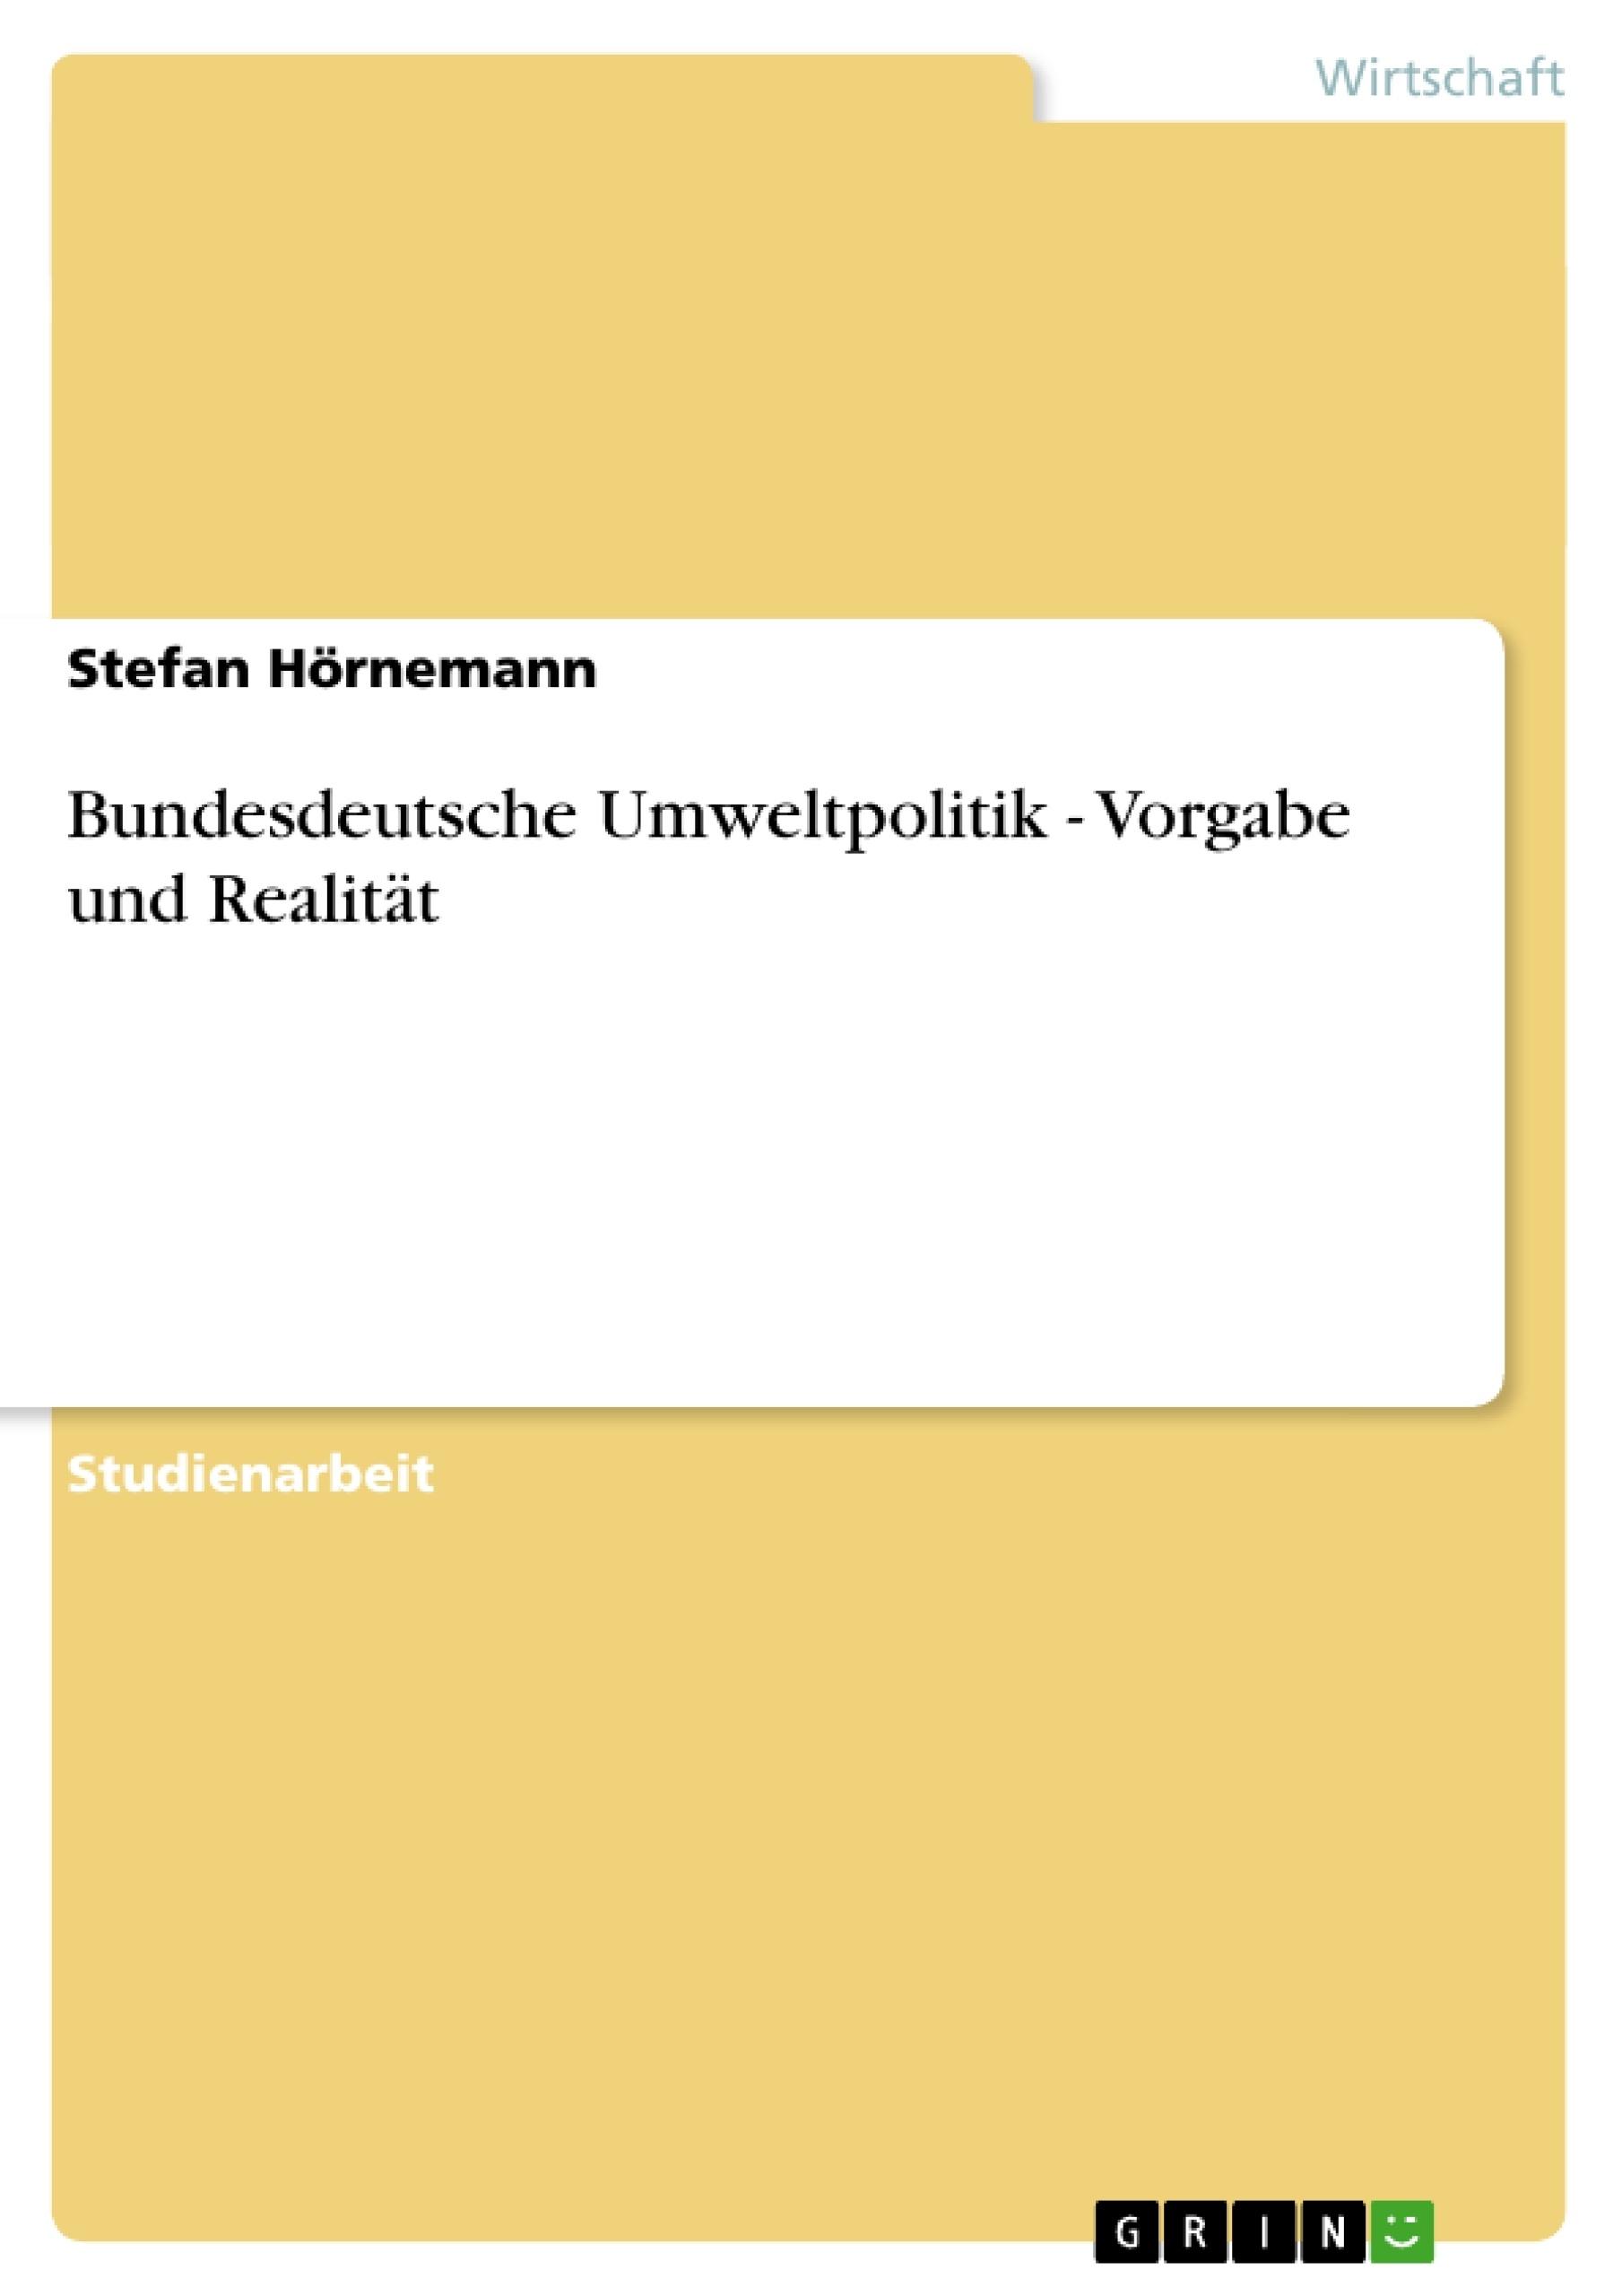 Titel: Bundesdeutsche Umweltpolitik - Vorgabe und Realität